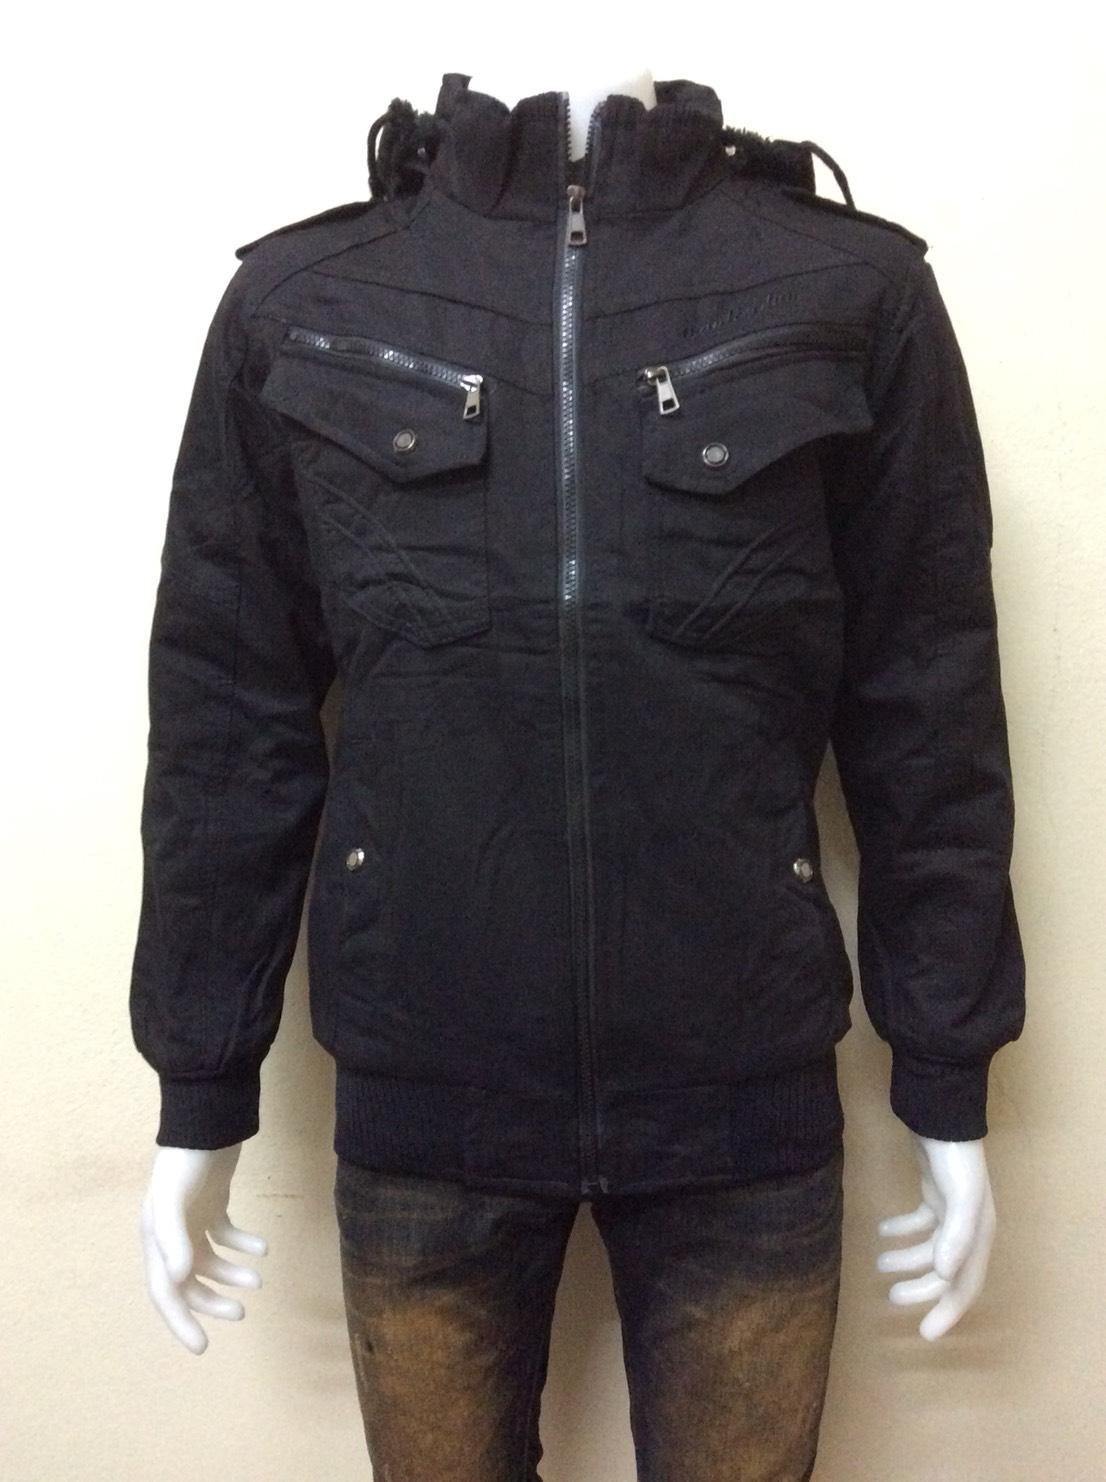 เสื้อแจ็คเก็ตกันหนาว มีฮู้ด สีดำ